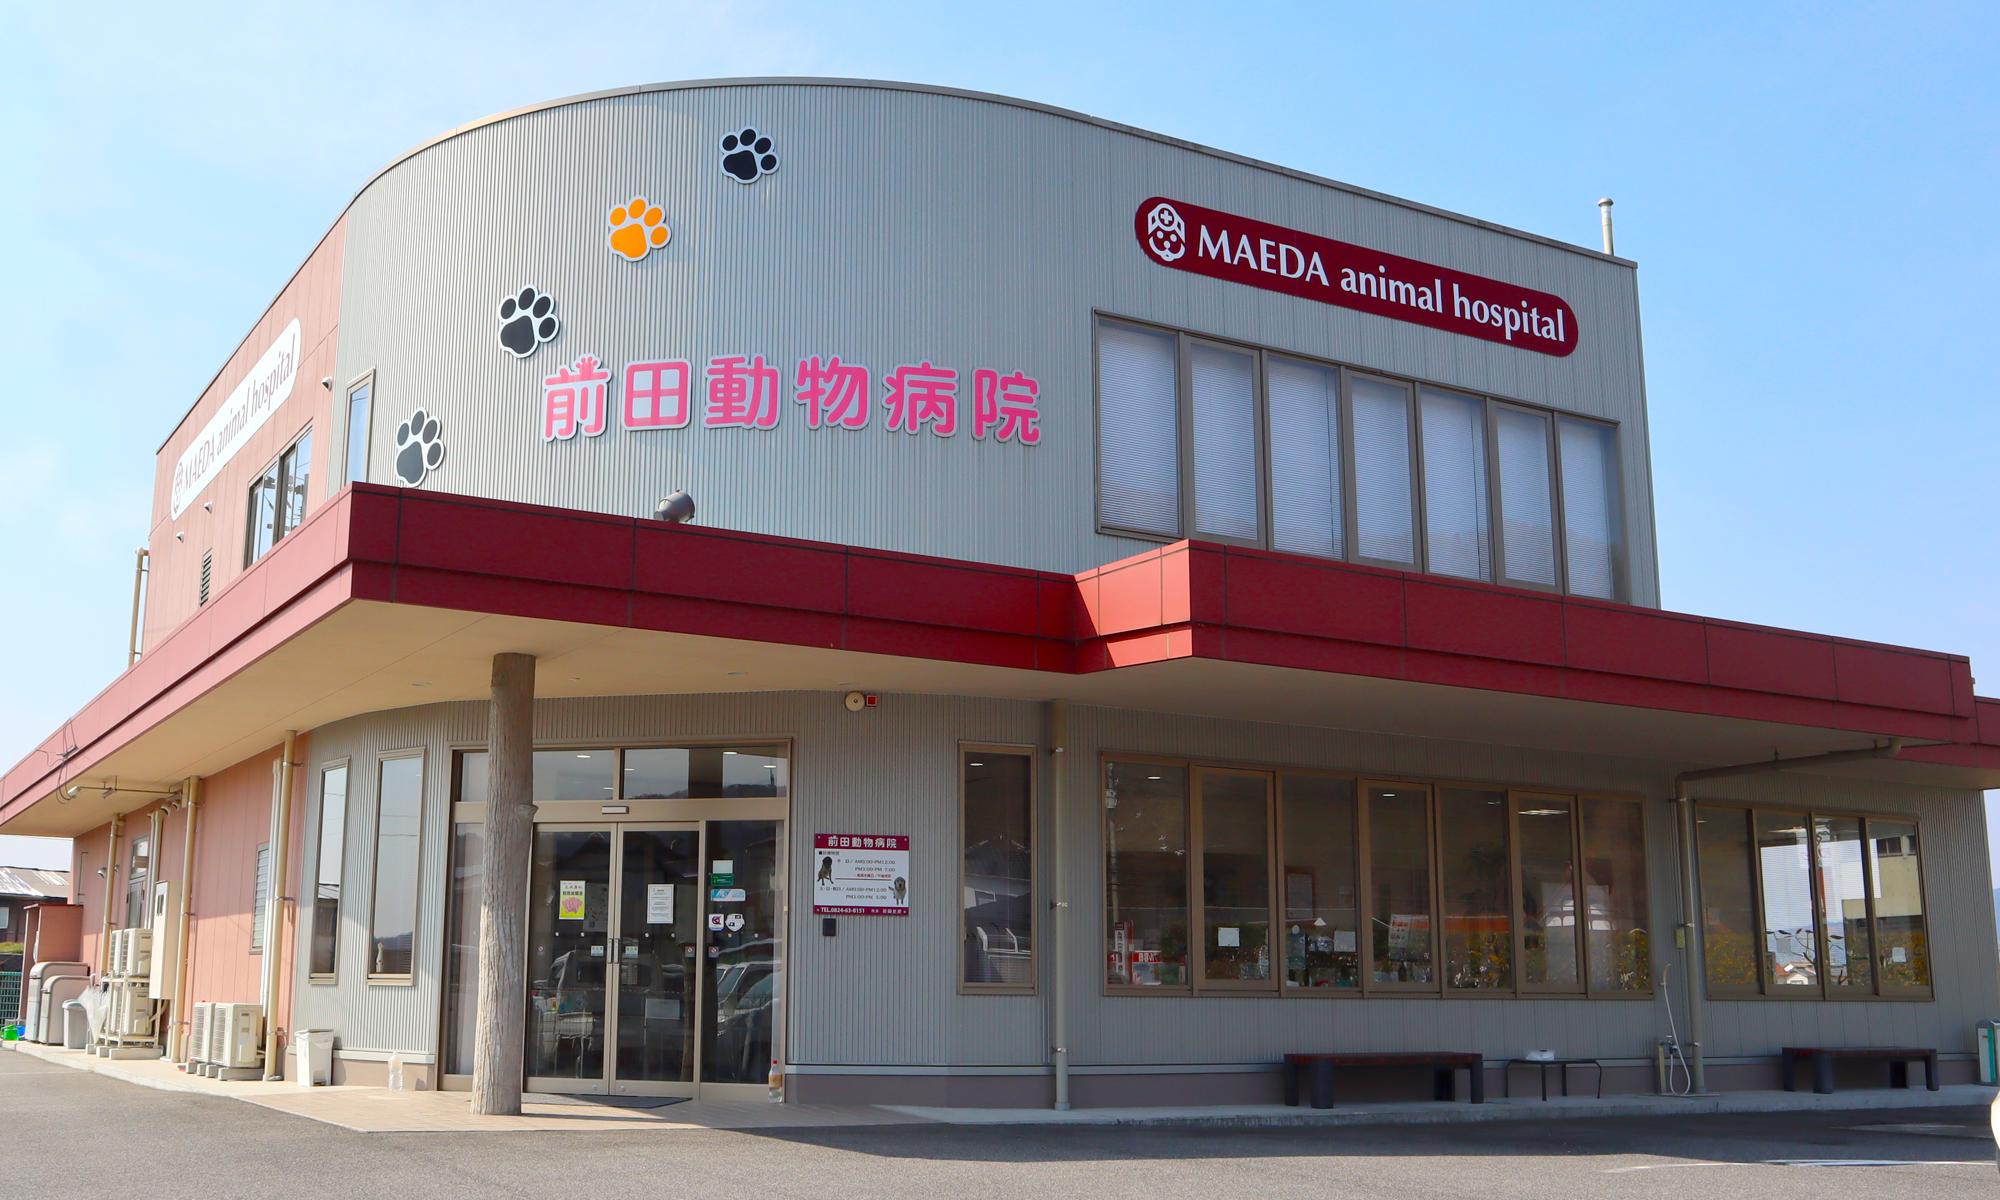 獣医師・動物看護師の求人情報 - 前田動物病院